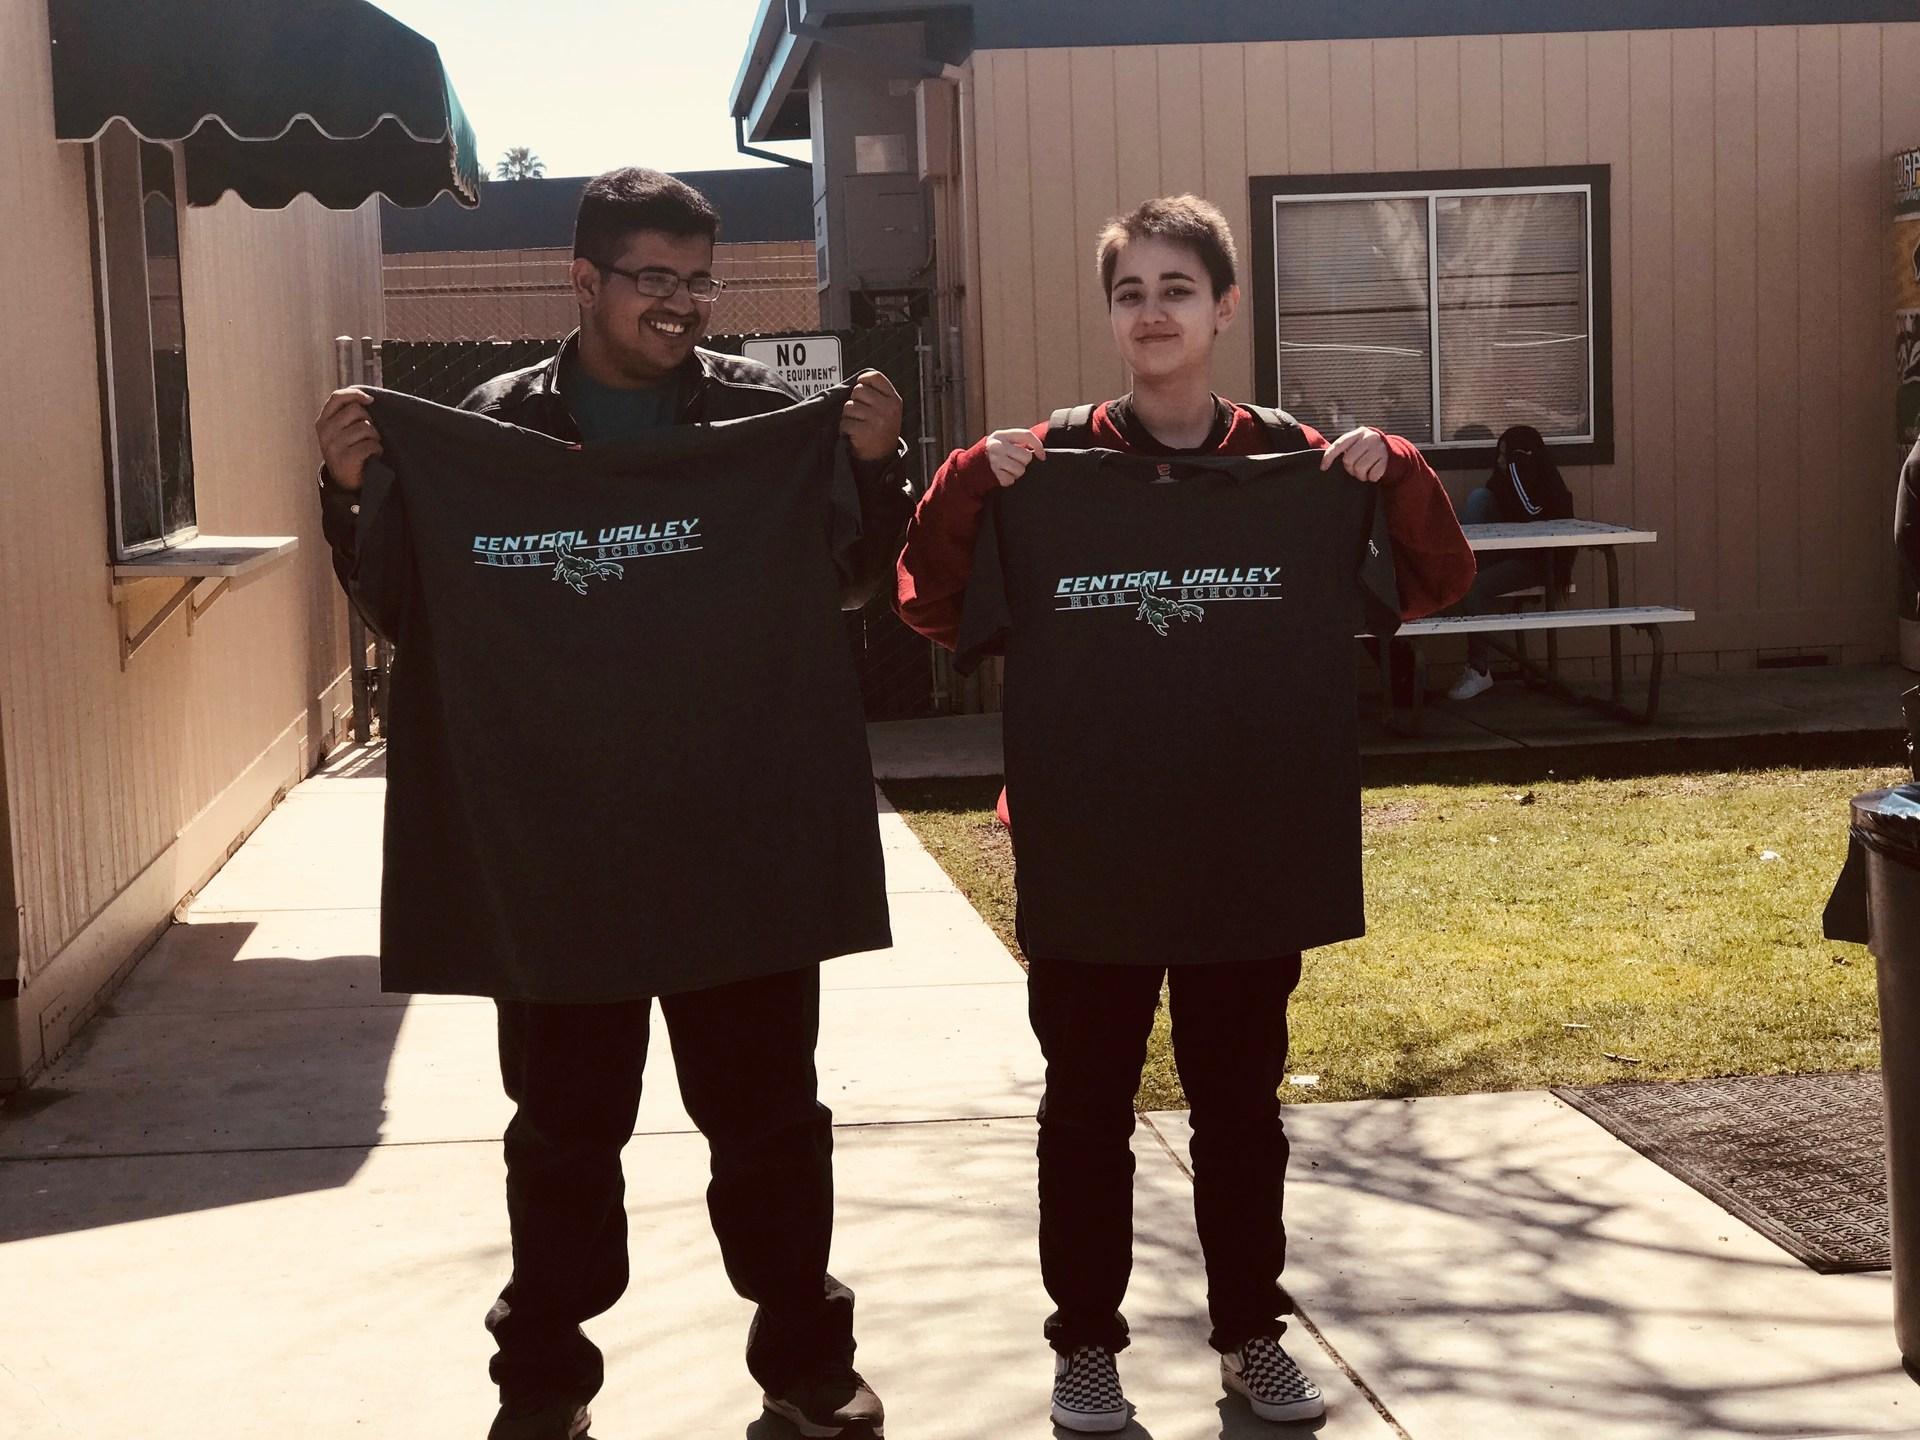 Winners of tshirts